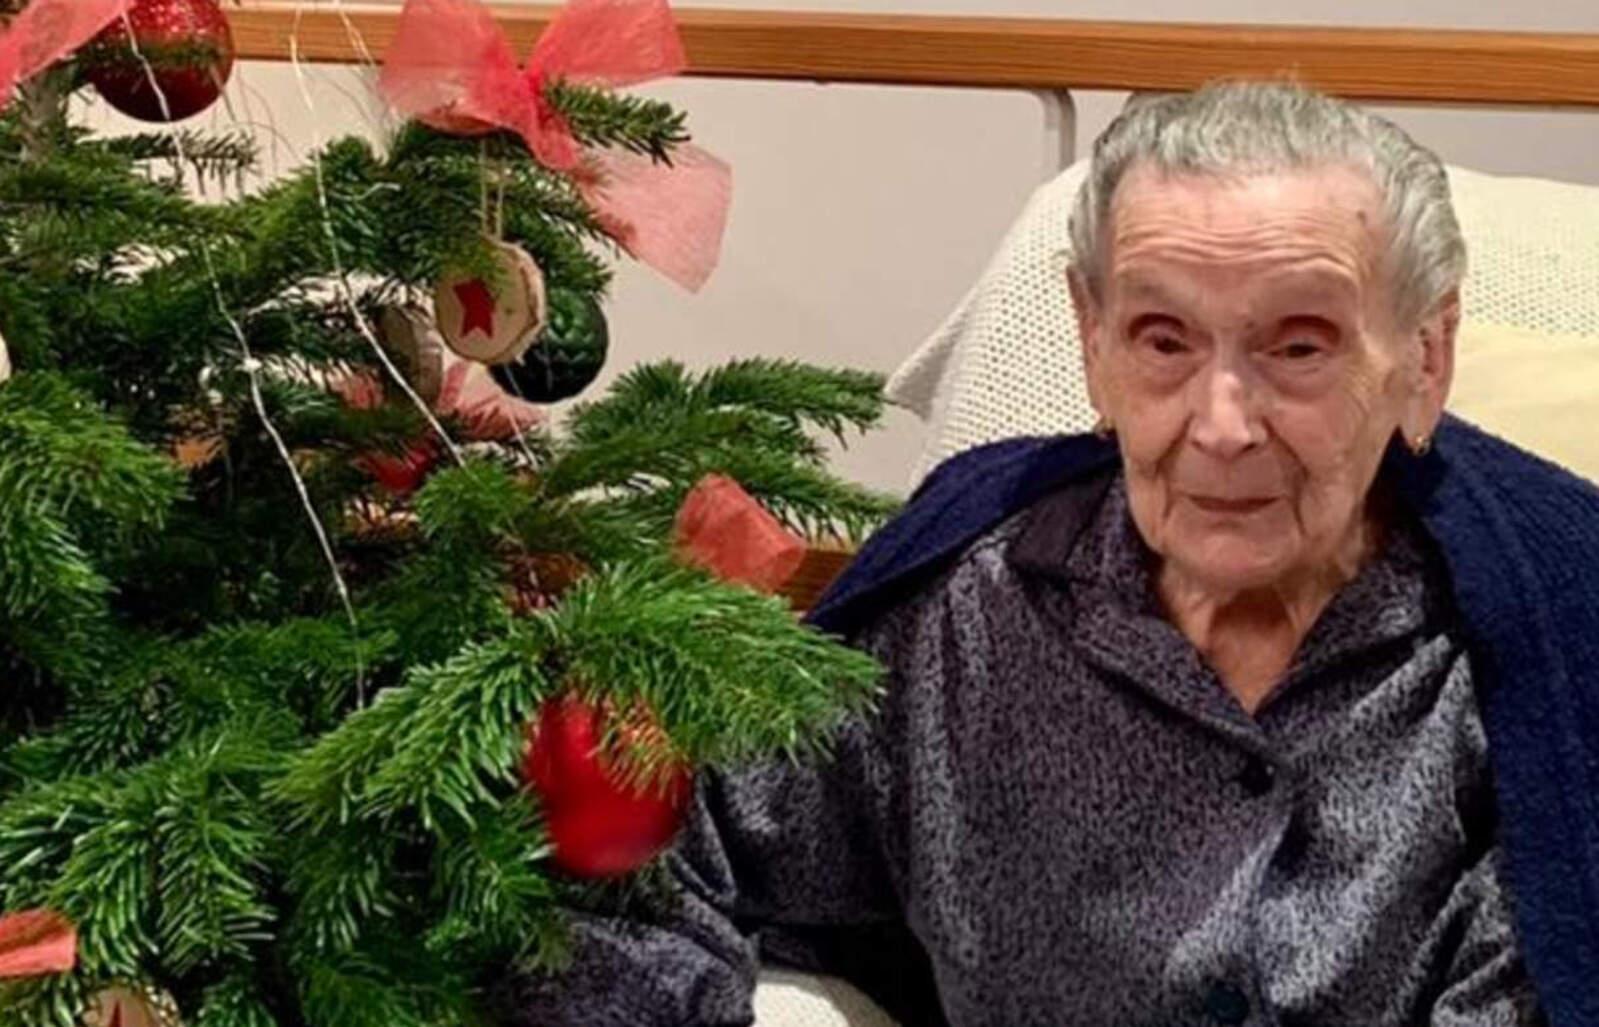 L'Angeleta amb l'arbre de Nadal d'obsequi